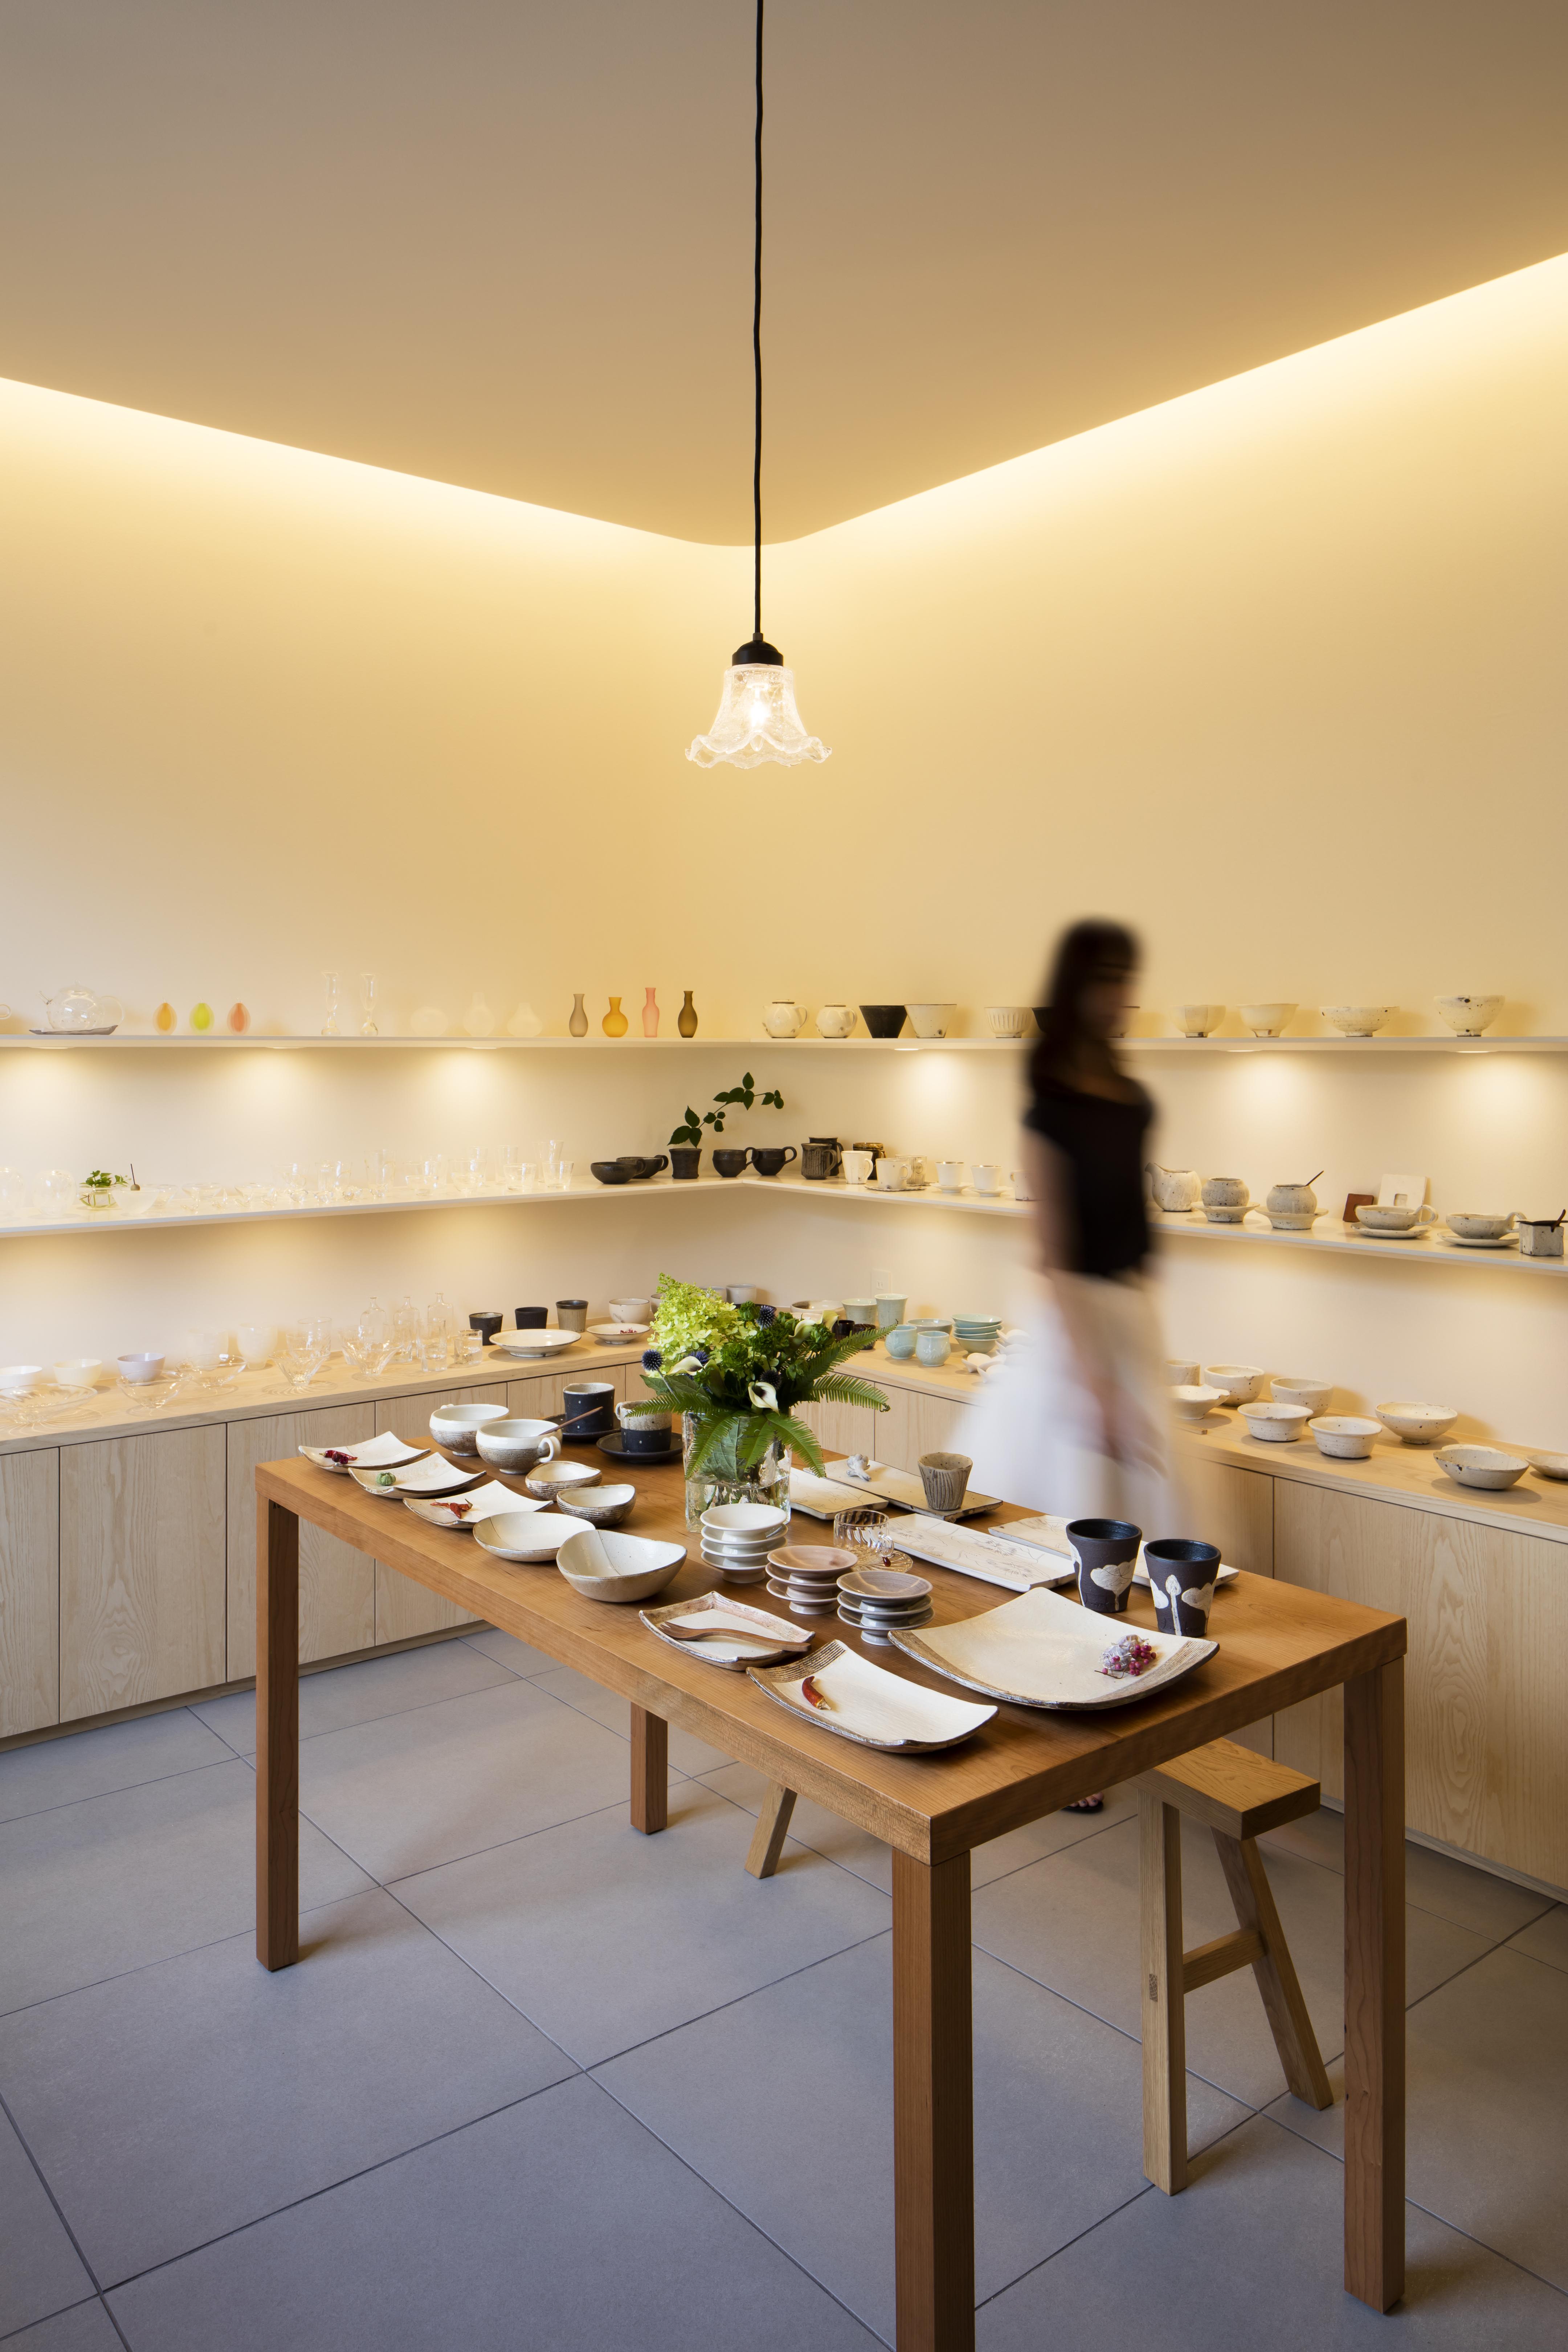 うつわと暮らしの雑貨店Mallow/一級建築士事務所エヌアールエム